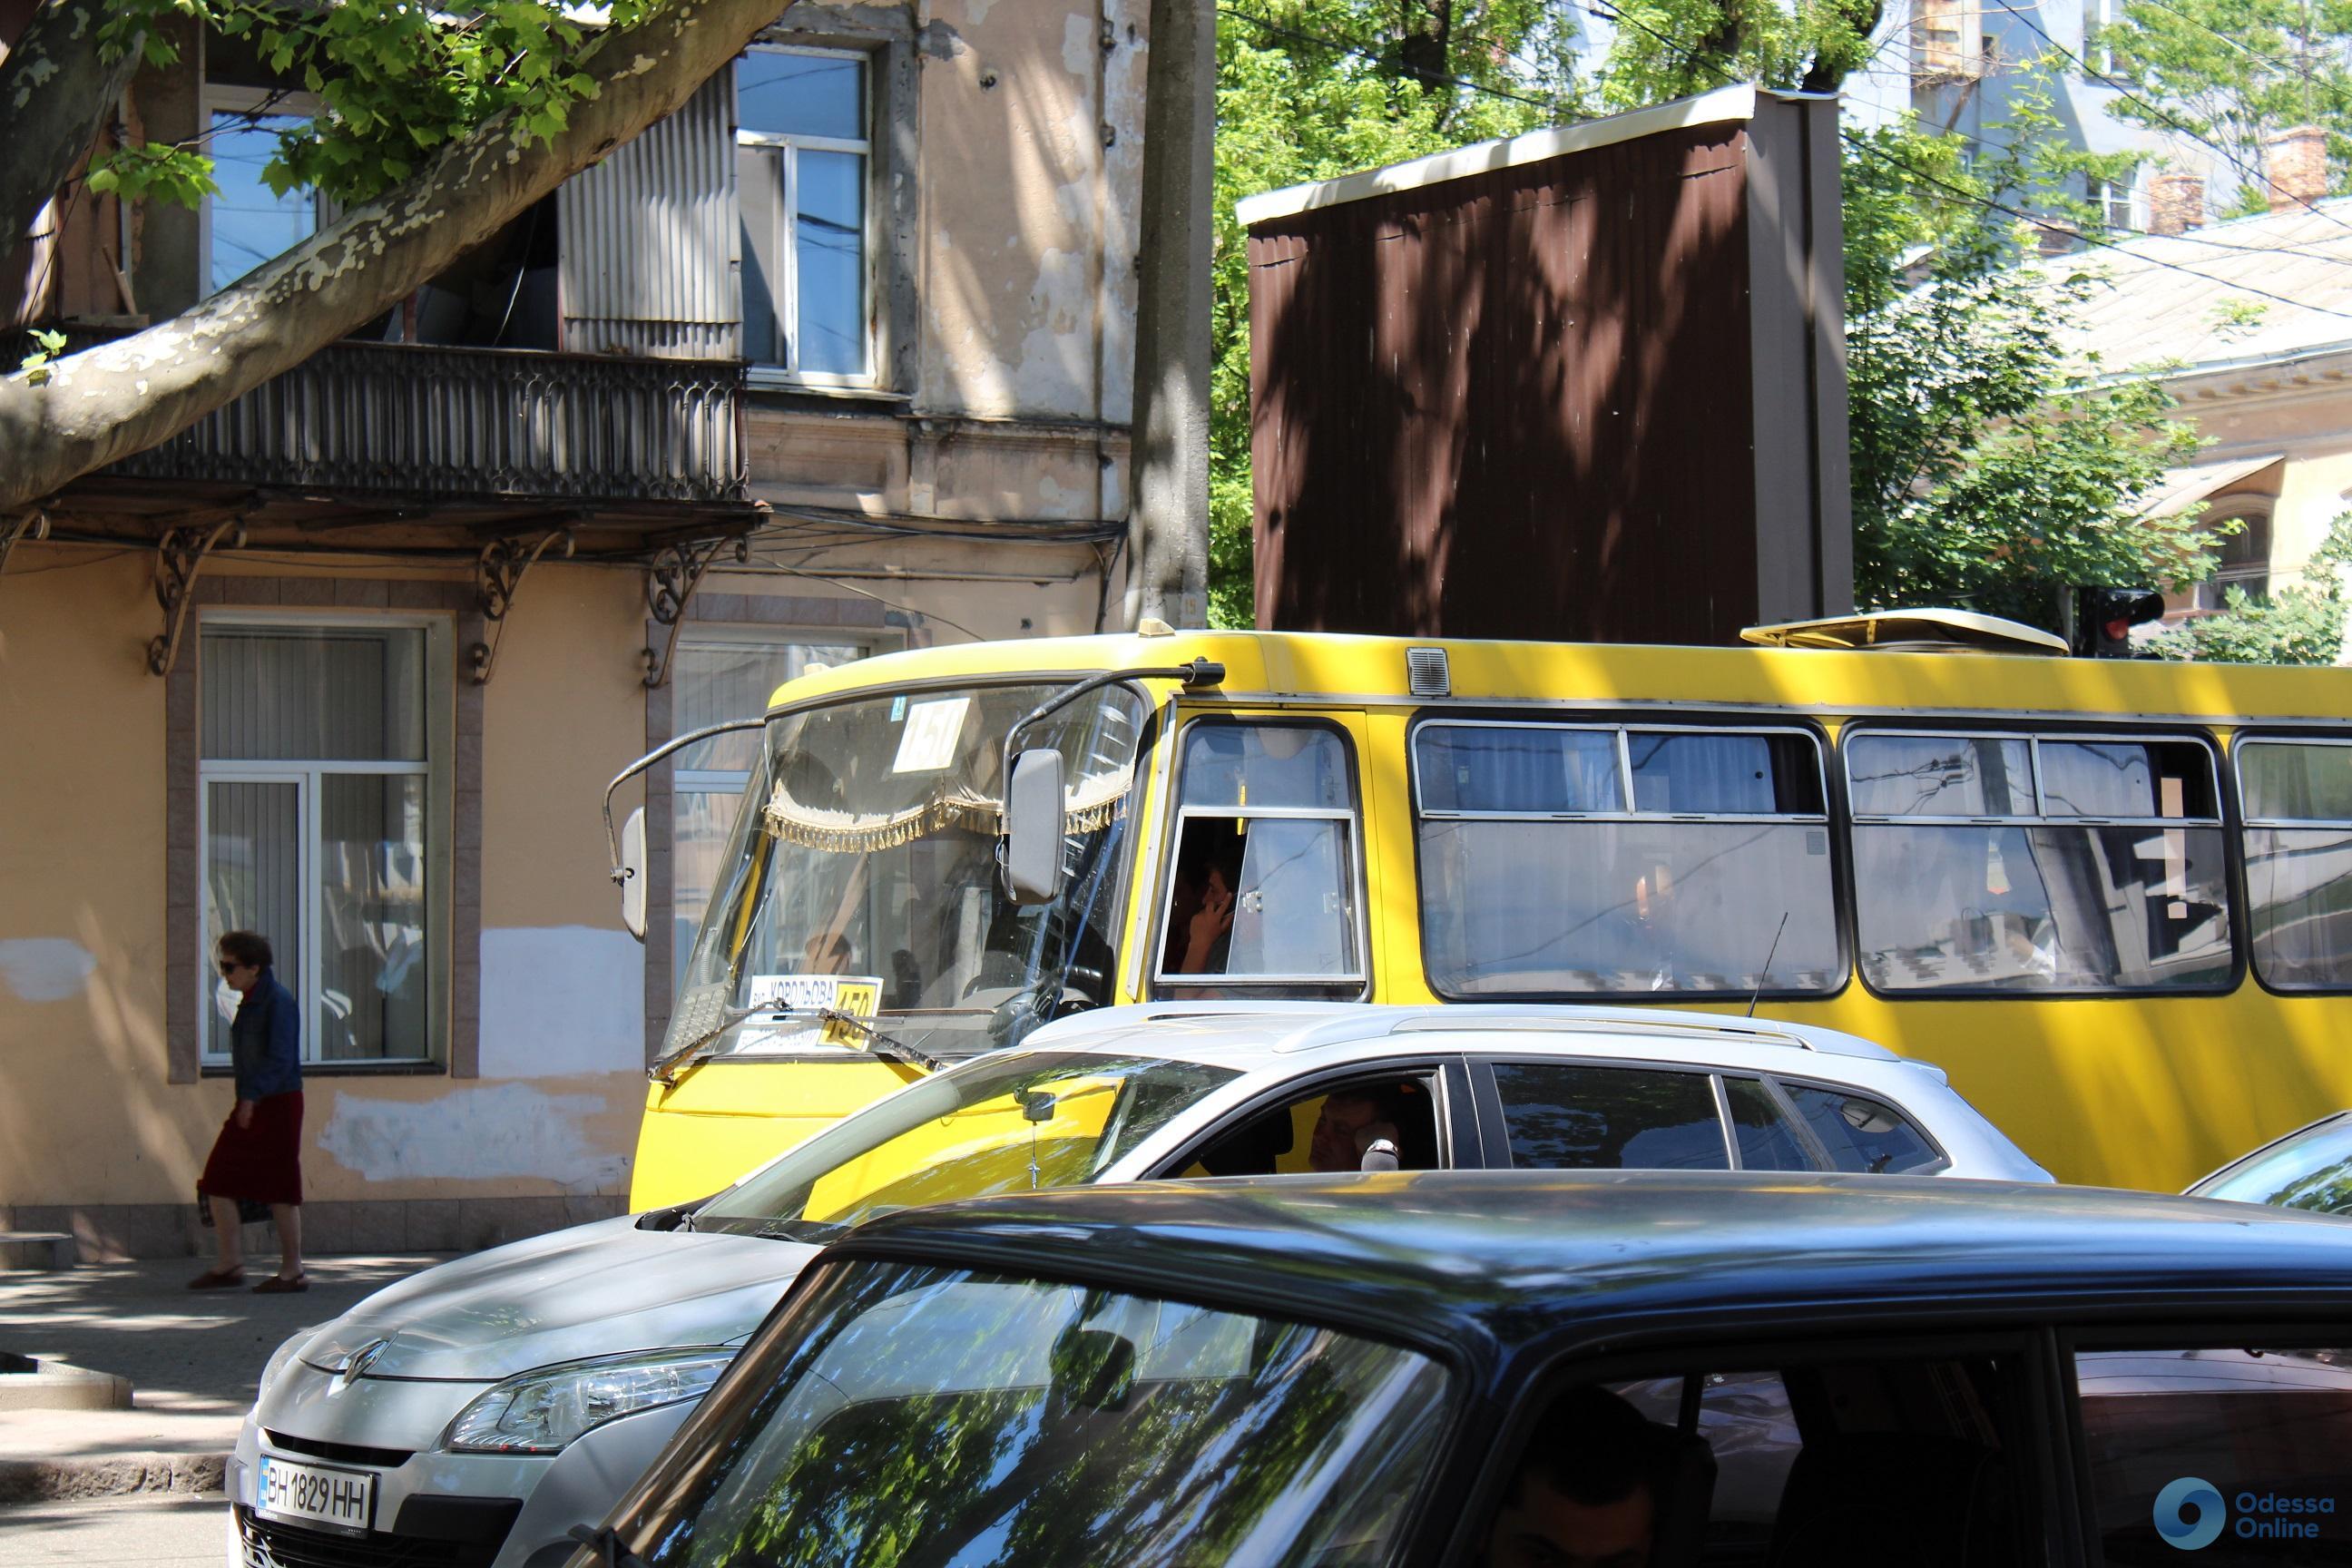 Дорожная обстановка в Одессе: два ДТП на Краснова и одно на Ивановском переезде